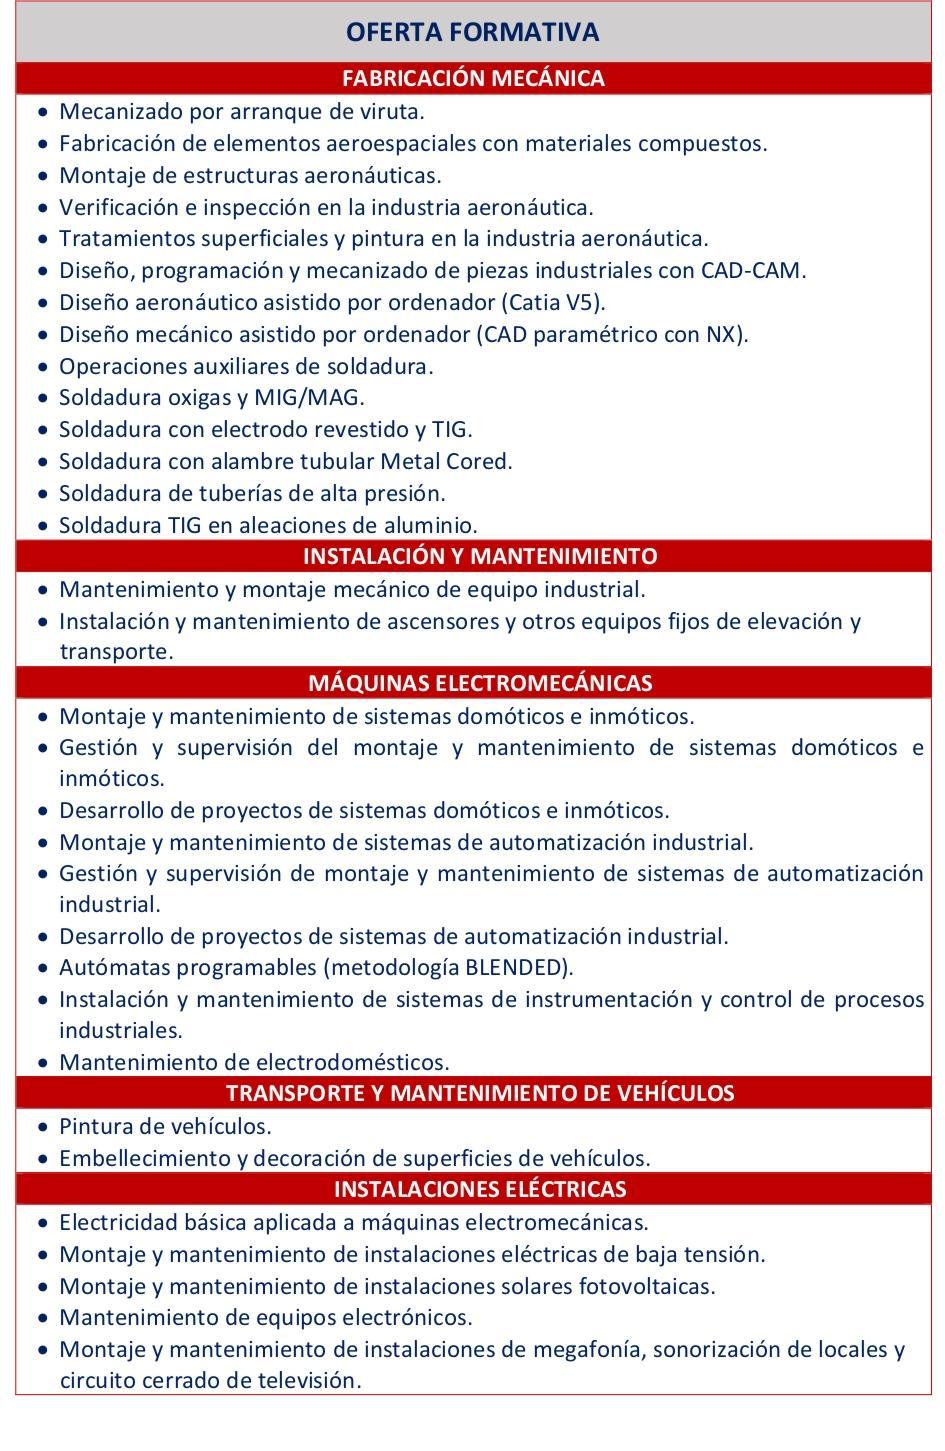 Oferta formativa CRN Leganés 2020